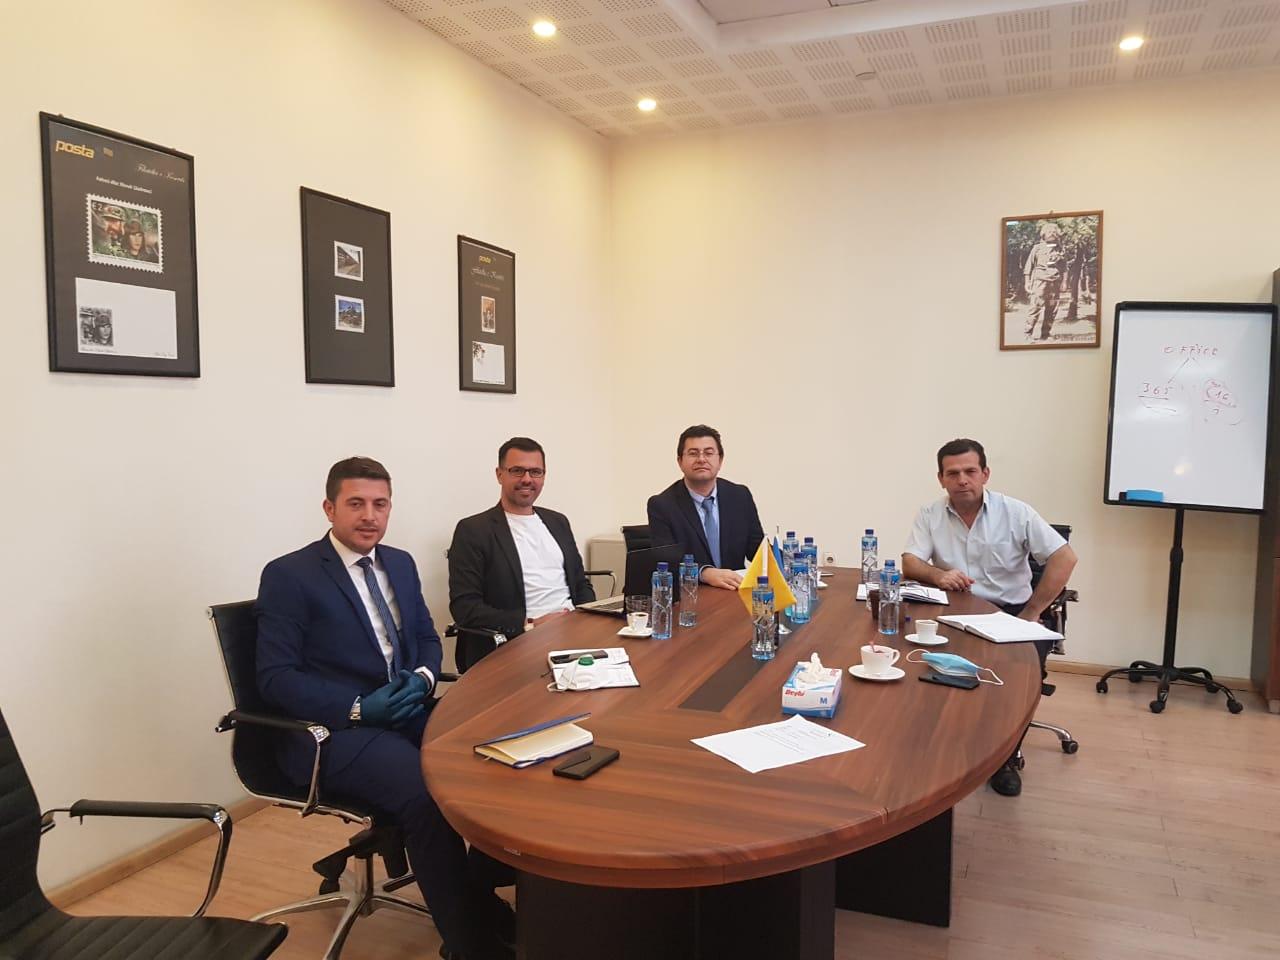 """Bashkërendim i aktiviteteve në mes të menaxhmentit dhe dy bordeve të drejtorëve të KRU""""Prishtina"""" dhe Posta e Kosovës,"""